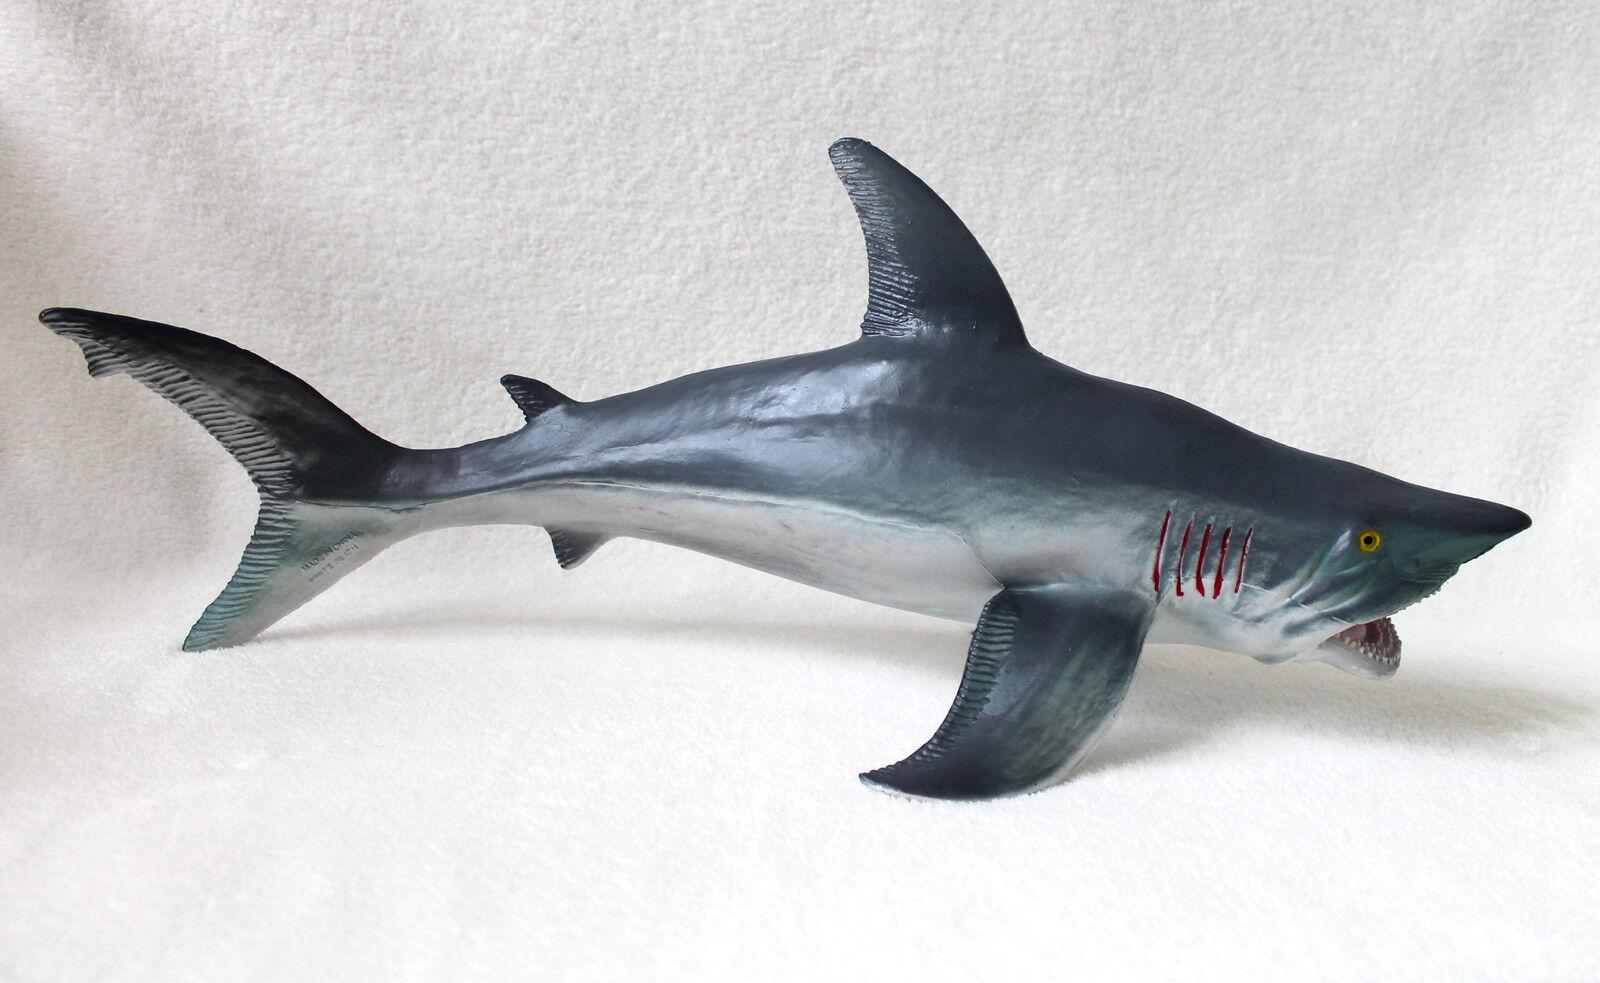 Hai 54cm Haifisch Großer whiteer Hai White Shark Kunststoff Spielfigur Fisch Deko